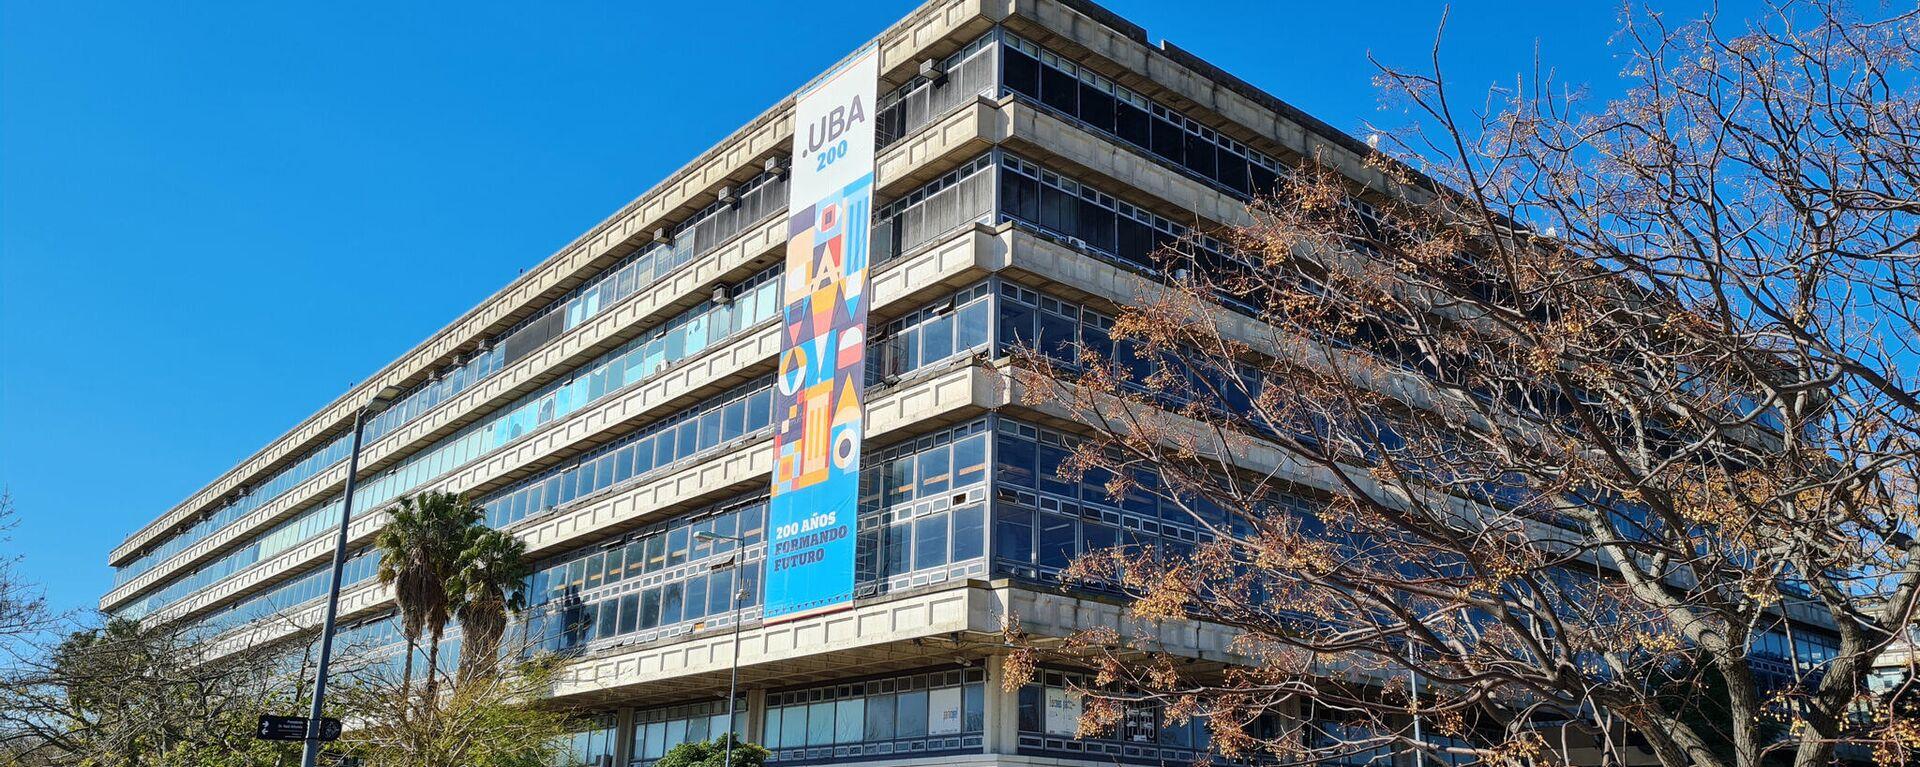 La Universidad de Buenos Aires - Sputnik Mundo, 1920, 12.08.2021